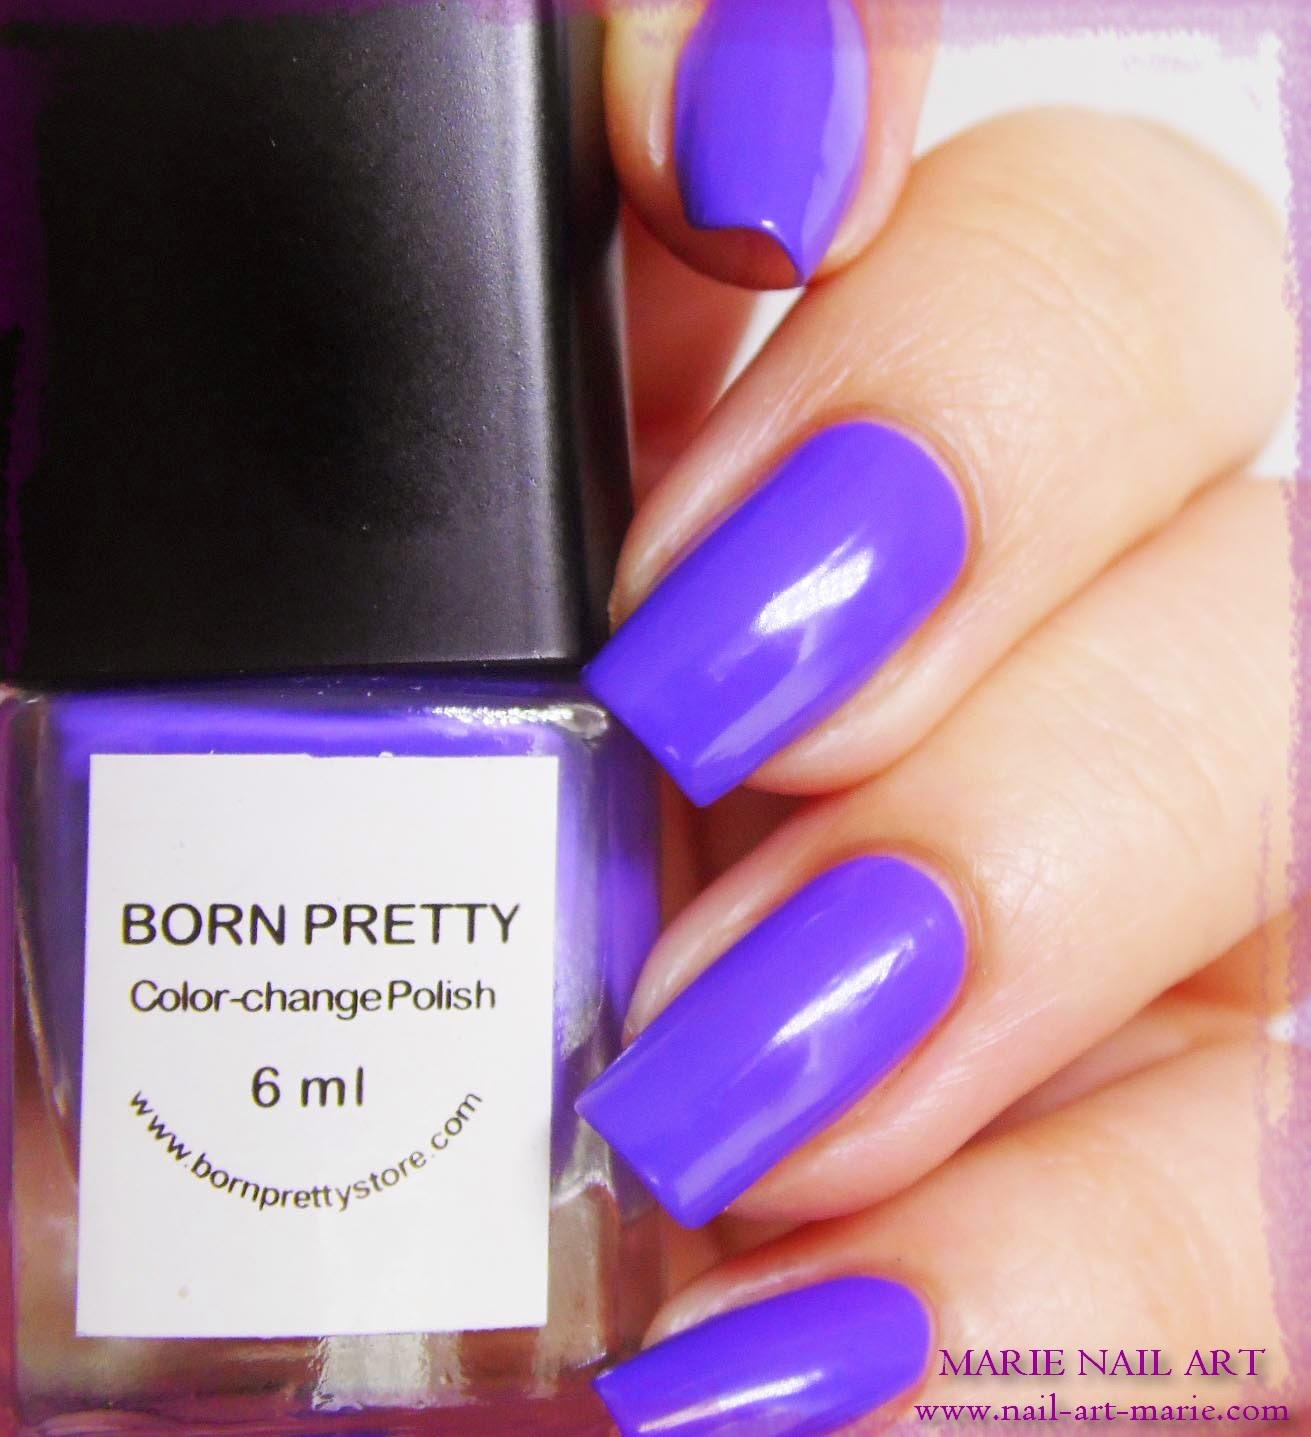 color change polish 104 born pretty strore4